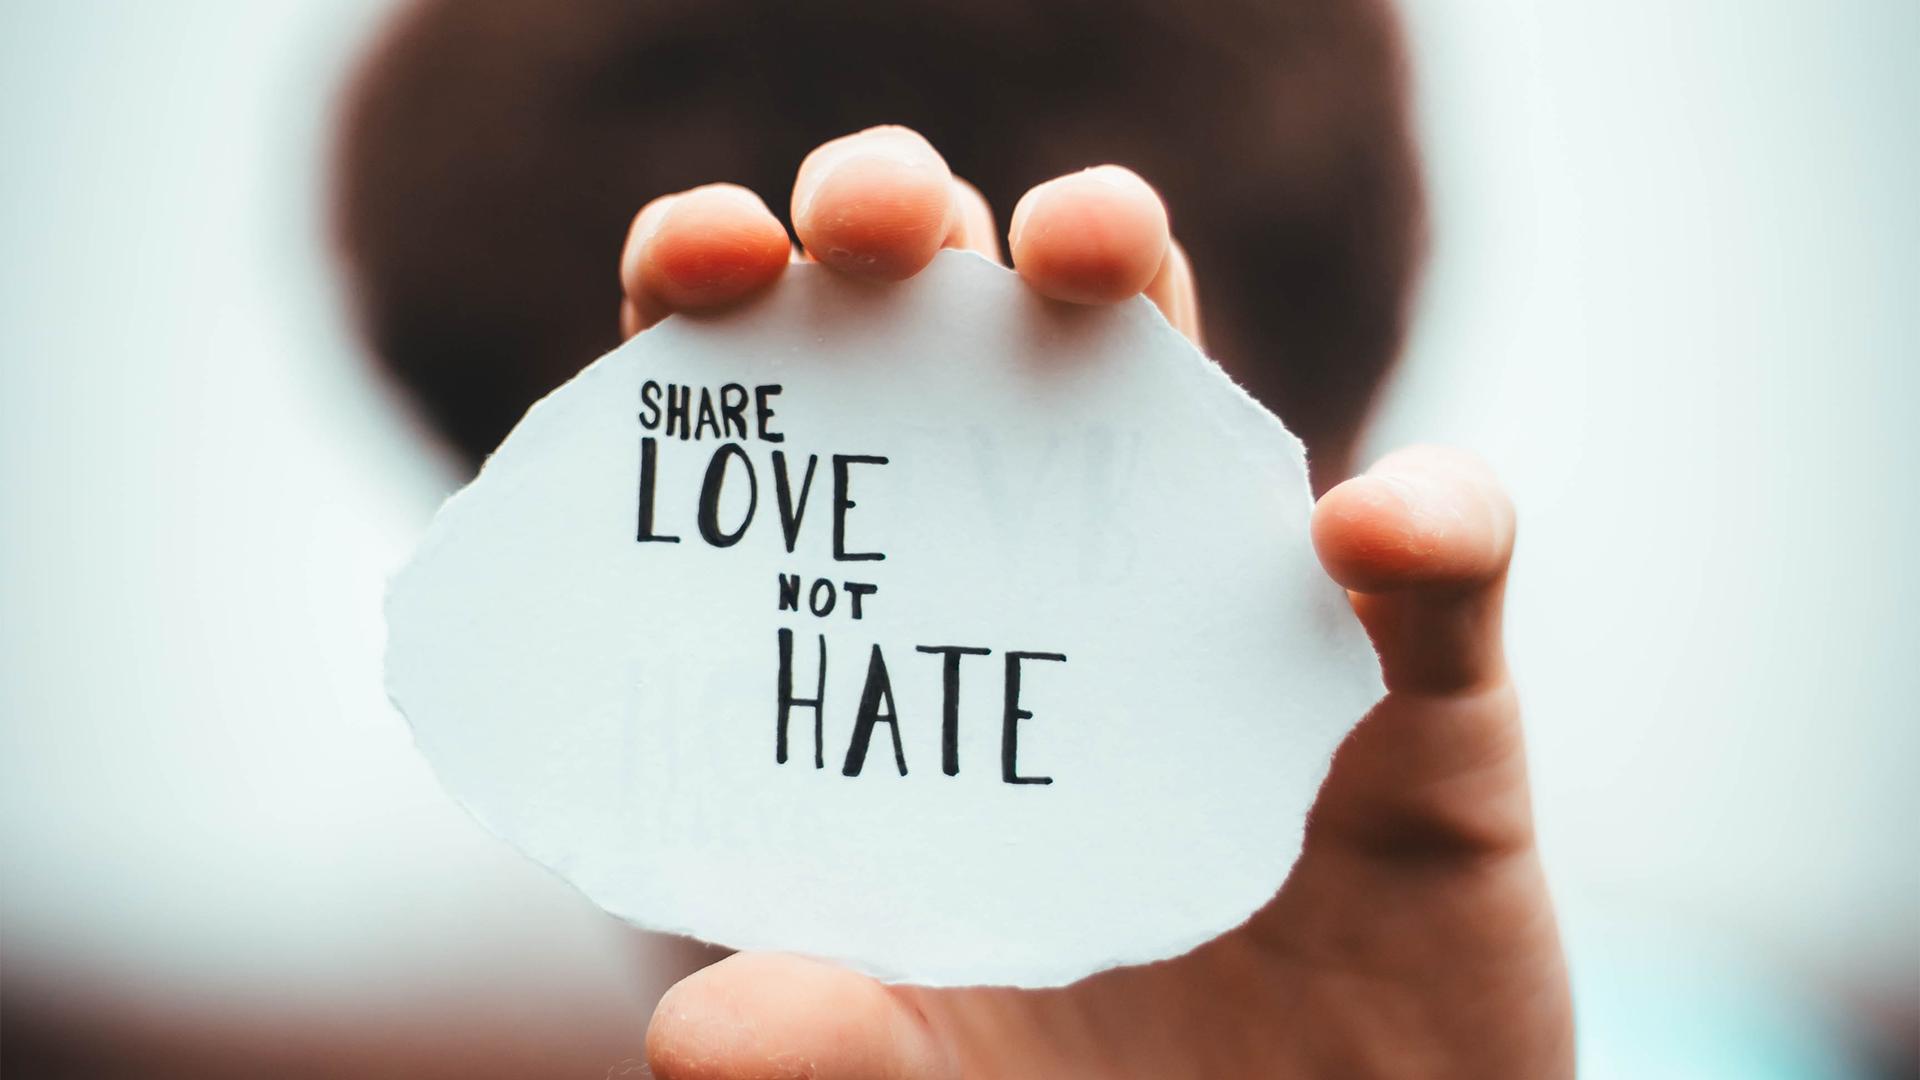 Website Bild Firewall Share Love not Hate